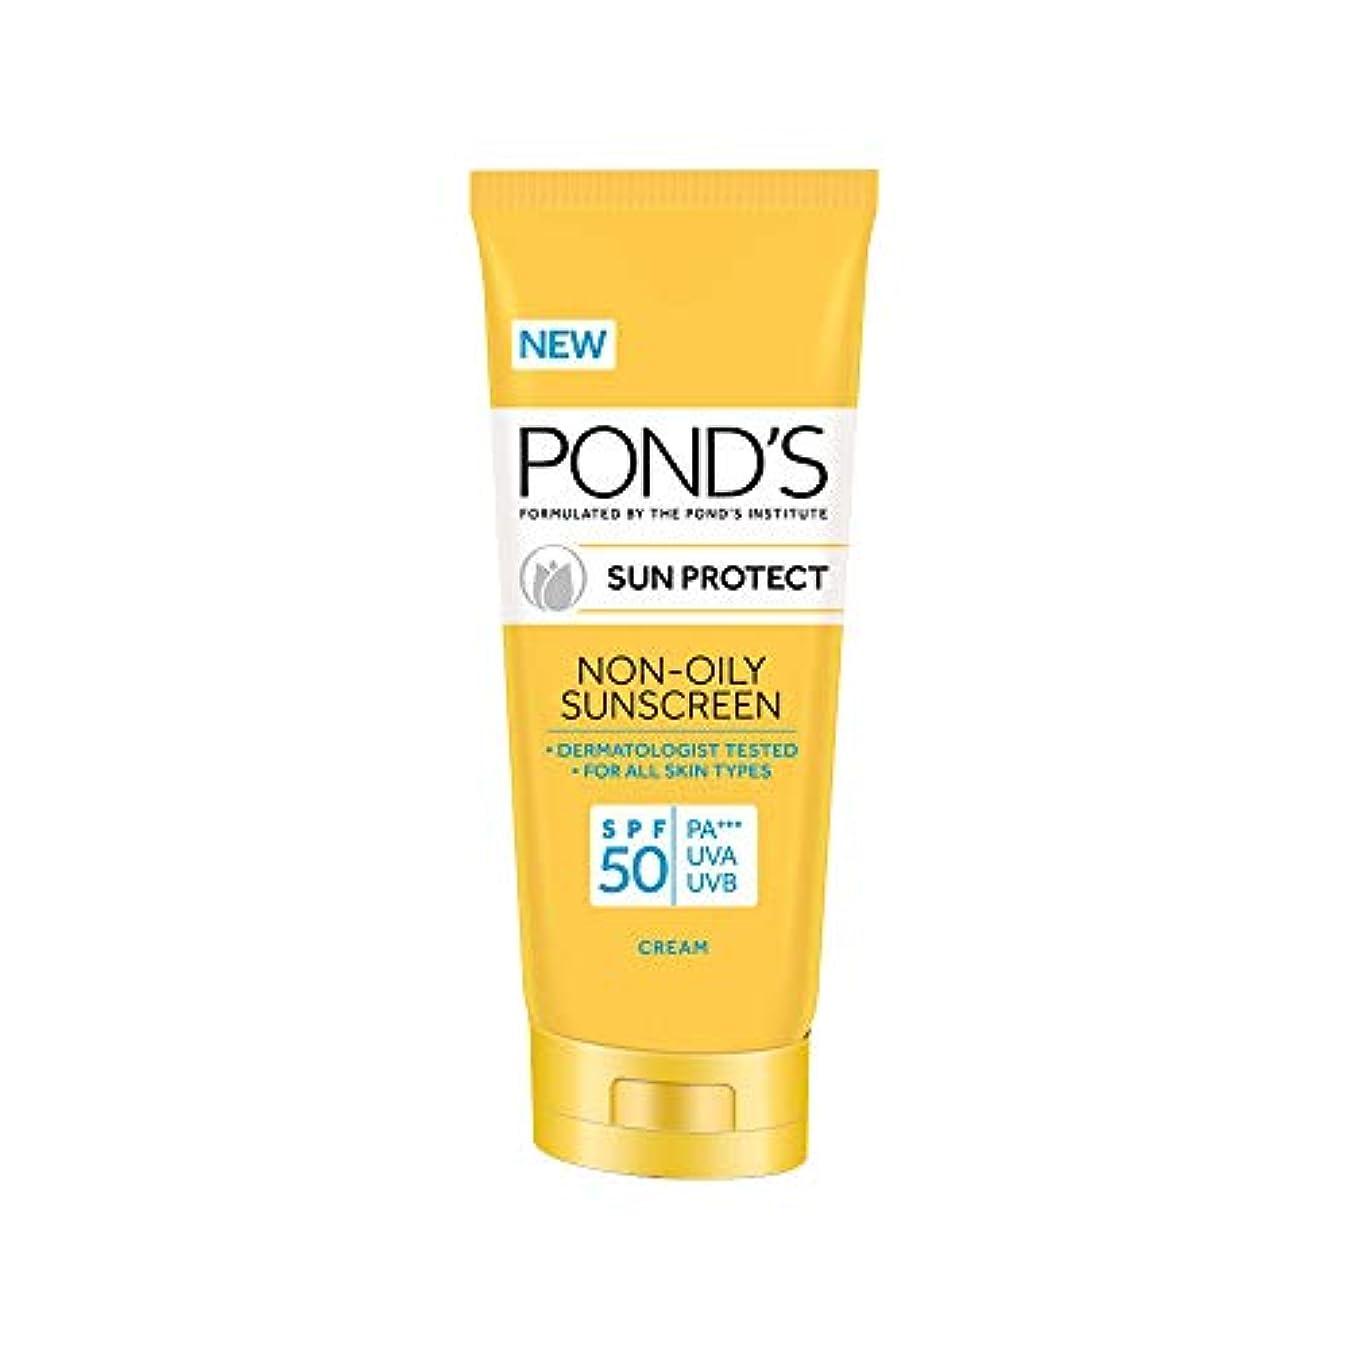 発行歯痛前述のPOND'S SPF 50 Sun Protect Non-Oily Sunscreen, 35 g